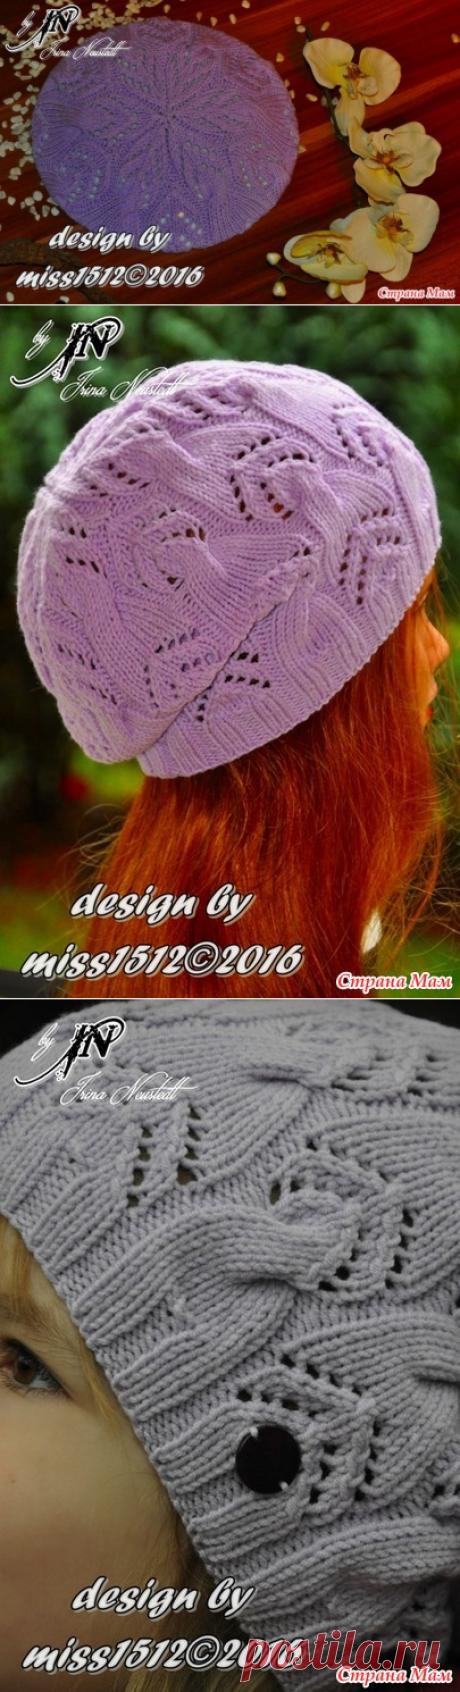 """. """"Лаванда"""" (Lavendel) - шапочка бини спицами в подарок. Мой дизайн + схема и описание - В.Г.У. - Вязаные Головные Уборы - Страна Мам"""